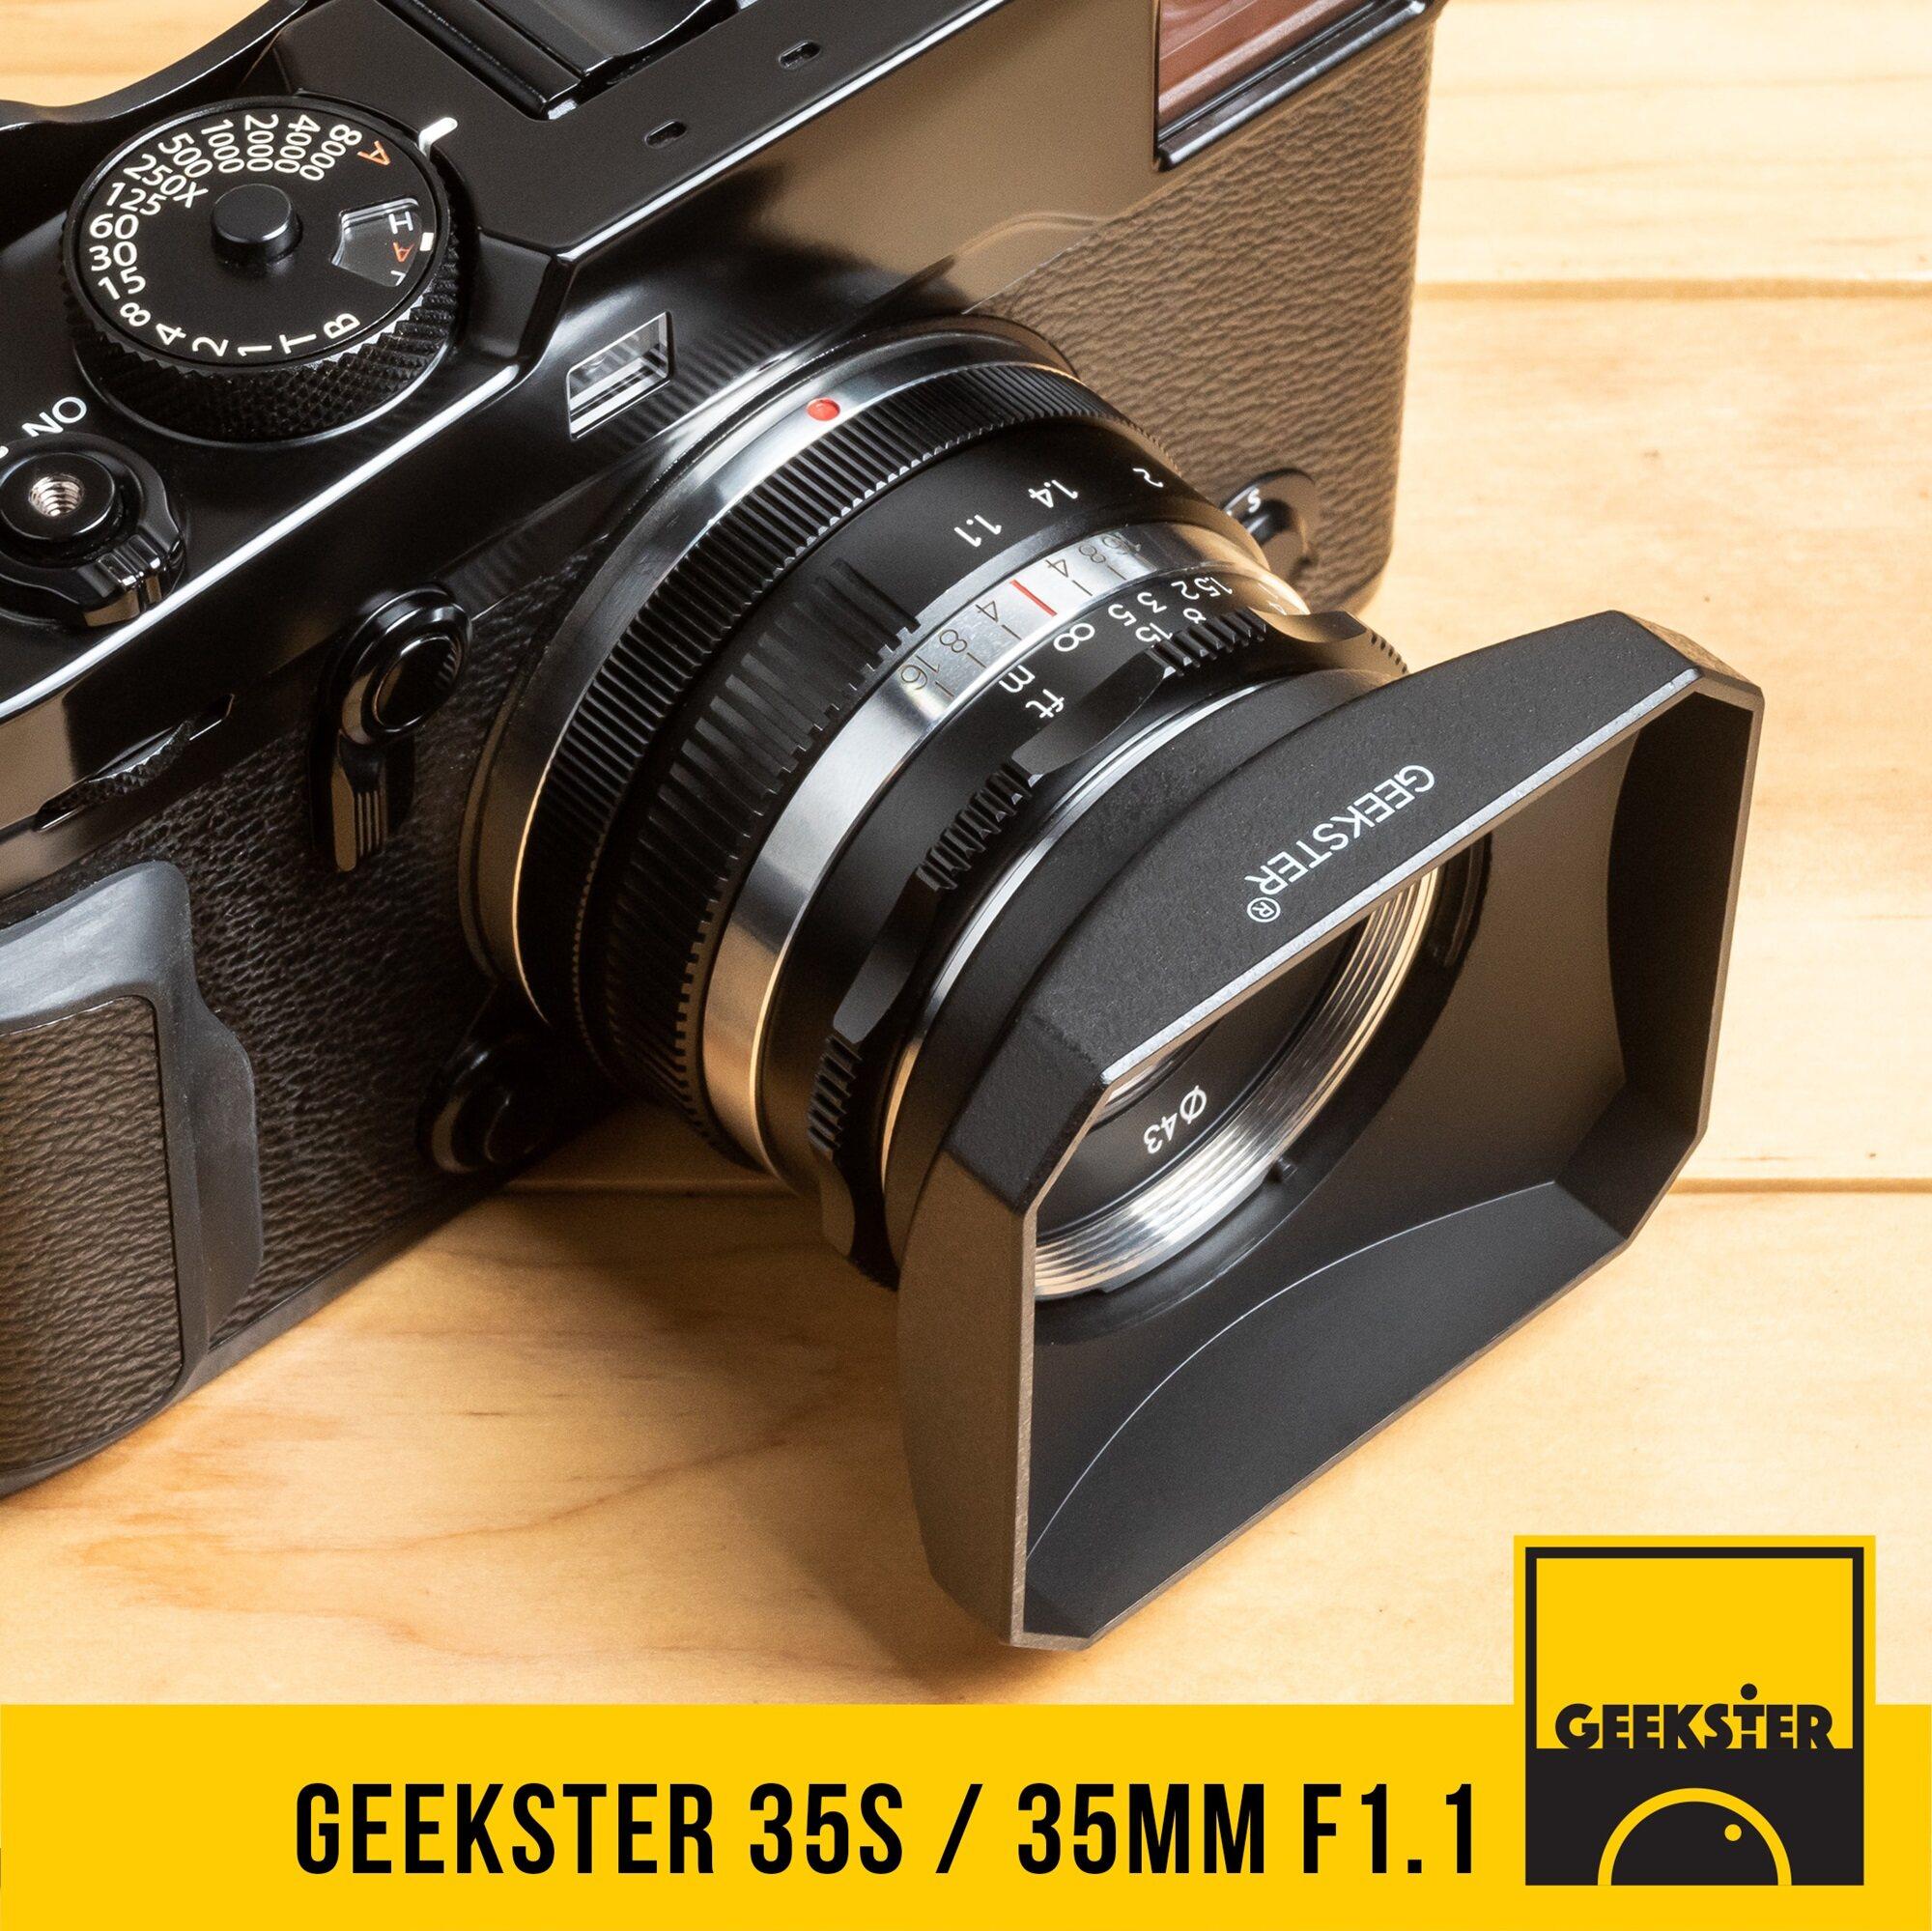 มาแรงใหม่ล่าสุด Geekster 35 Mm F1.1 / 35s ⭐️ ละลายสุดๆ ภาพคมชัด สำหรับกล้อง Mirrorless ( Fuji / Olympus / Sony / Panasonic / Canon / Tl / Sl / Cl ) ( เลนส์หลังละลาย ) ( เลนส์มือหมุน ) ( เลนส์ หน้าชัดหลังเบลอ ) ( สำหรับ กล้อง Mirrorless ) ( 35mm 1.1 ).